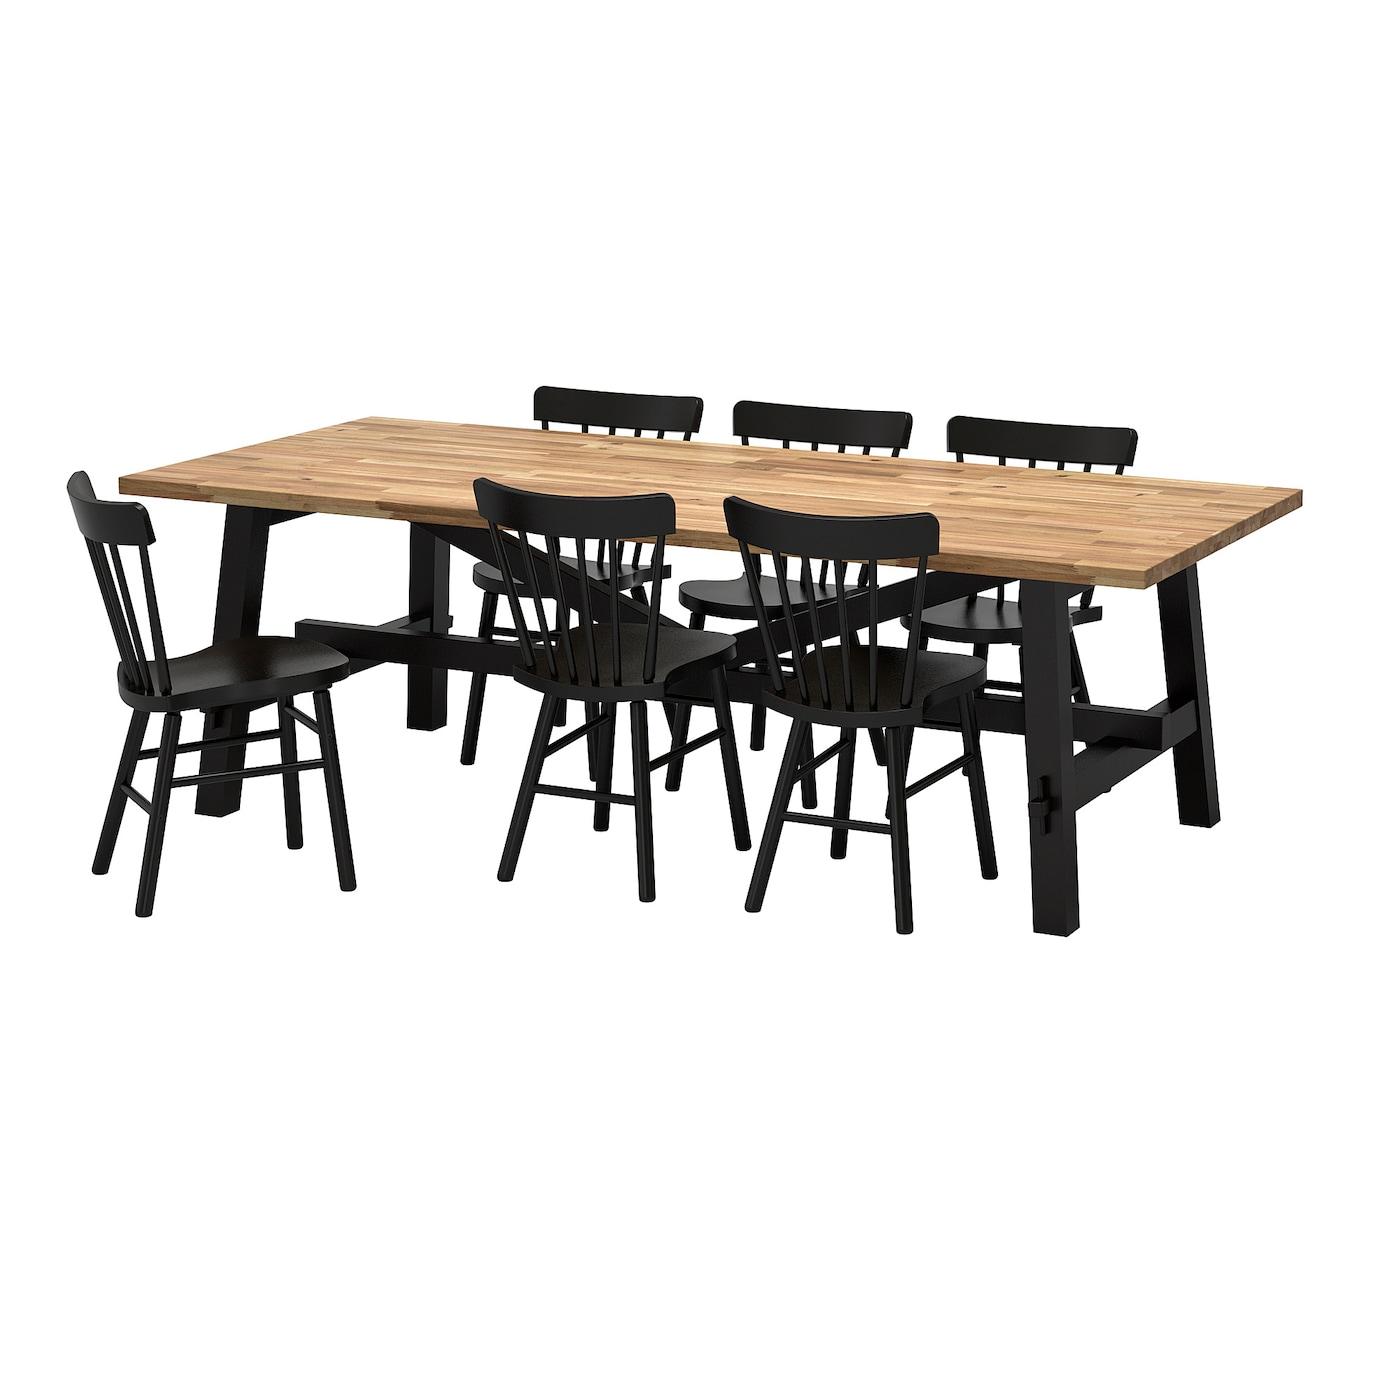 IKEA SKOGSTA / NORRARYD Stół i 6 krzeseł, akacja, czarny, 235x100 cm